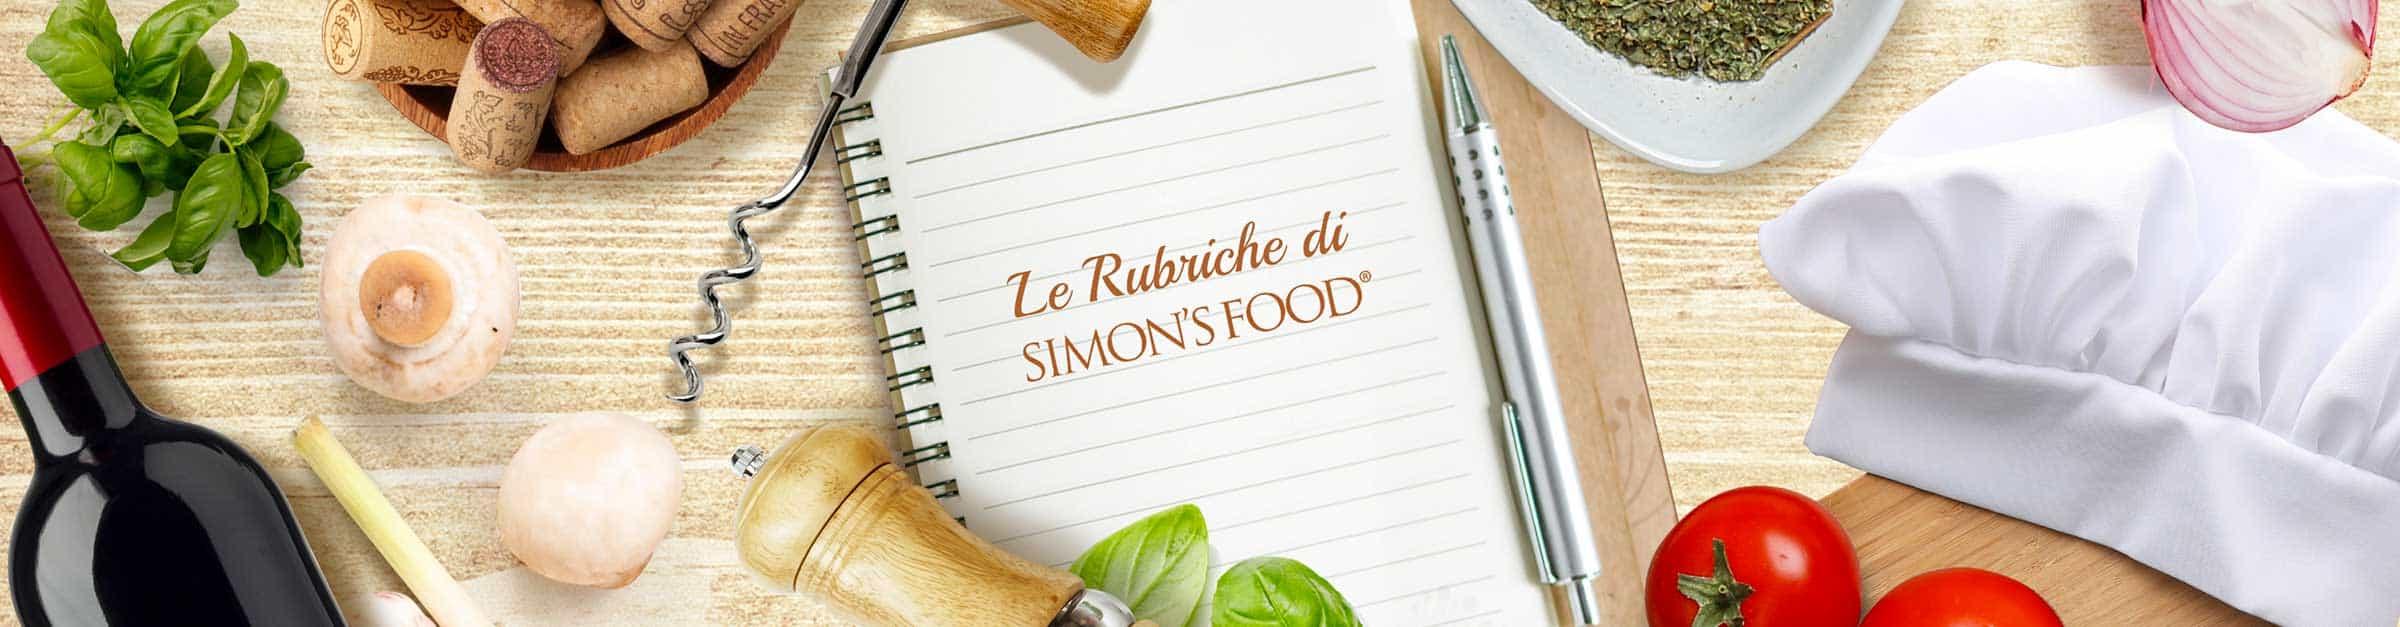 Le rubriche di Simon Italian Food